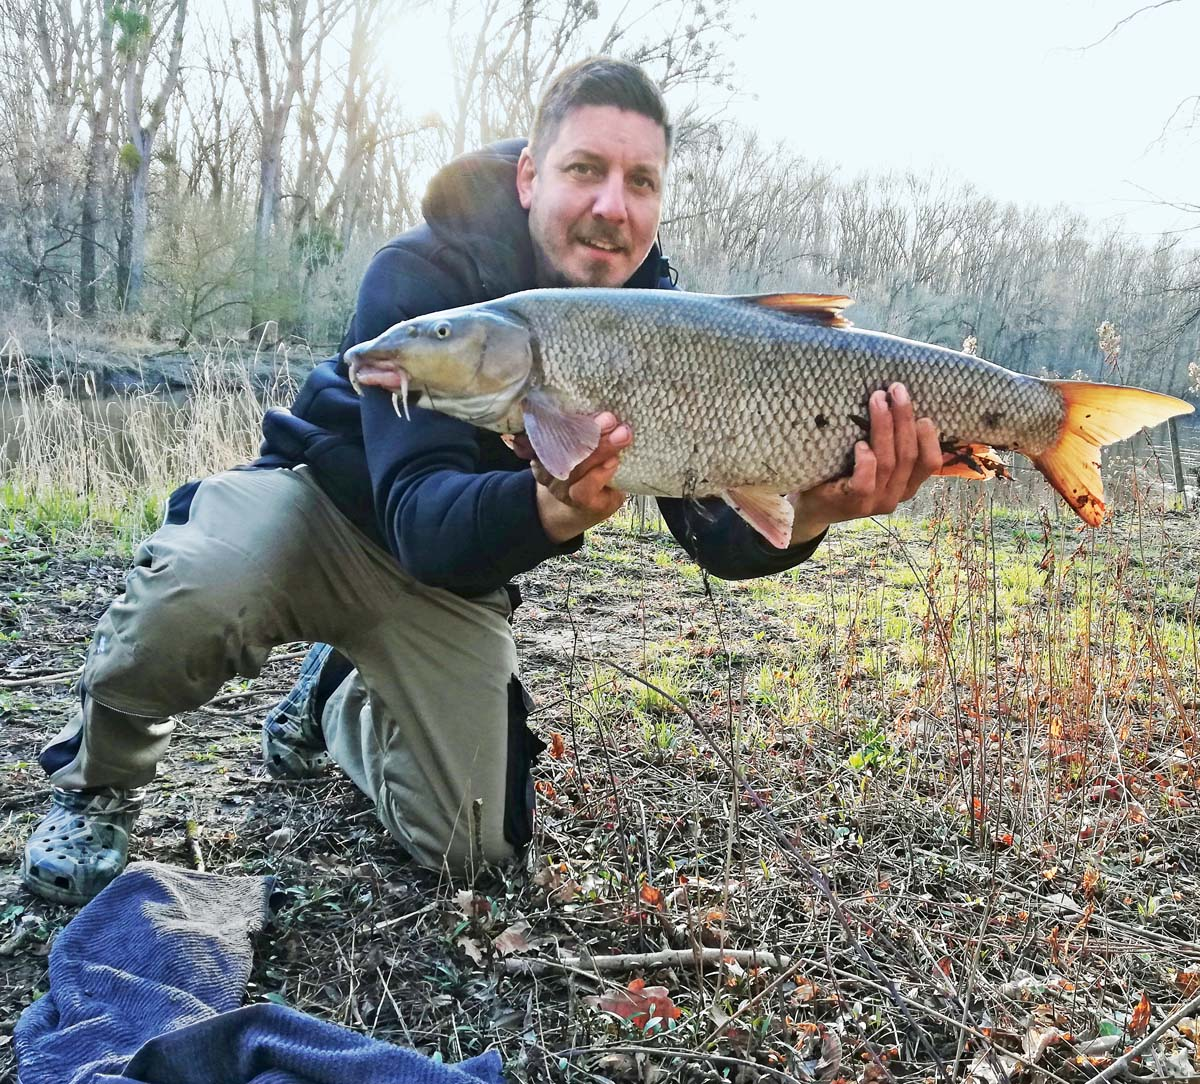 Die Thaya in Österreich war Tatort des gewaltigen Fanges von Thomas Ziegler. Auf einen Wurm ging ihm eine Barbe von 81 Zentimeter Länge und 14 Pfund Gewicht.